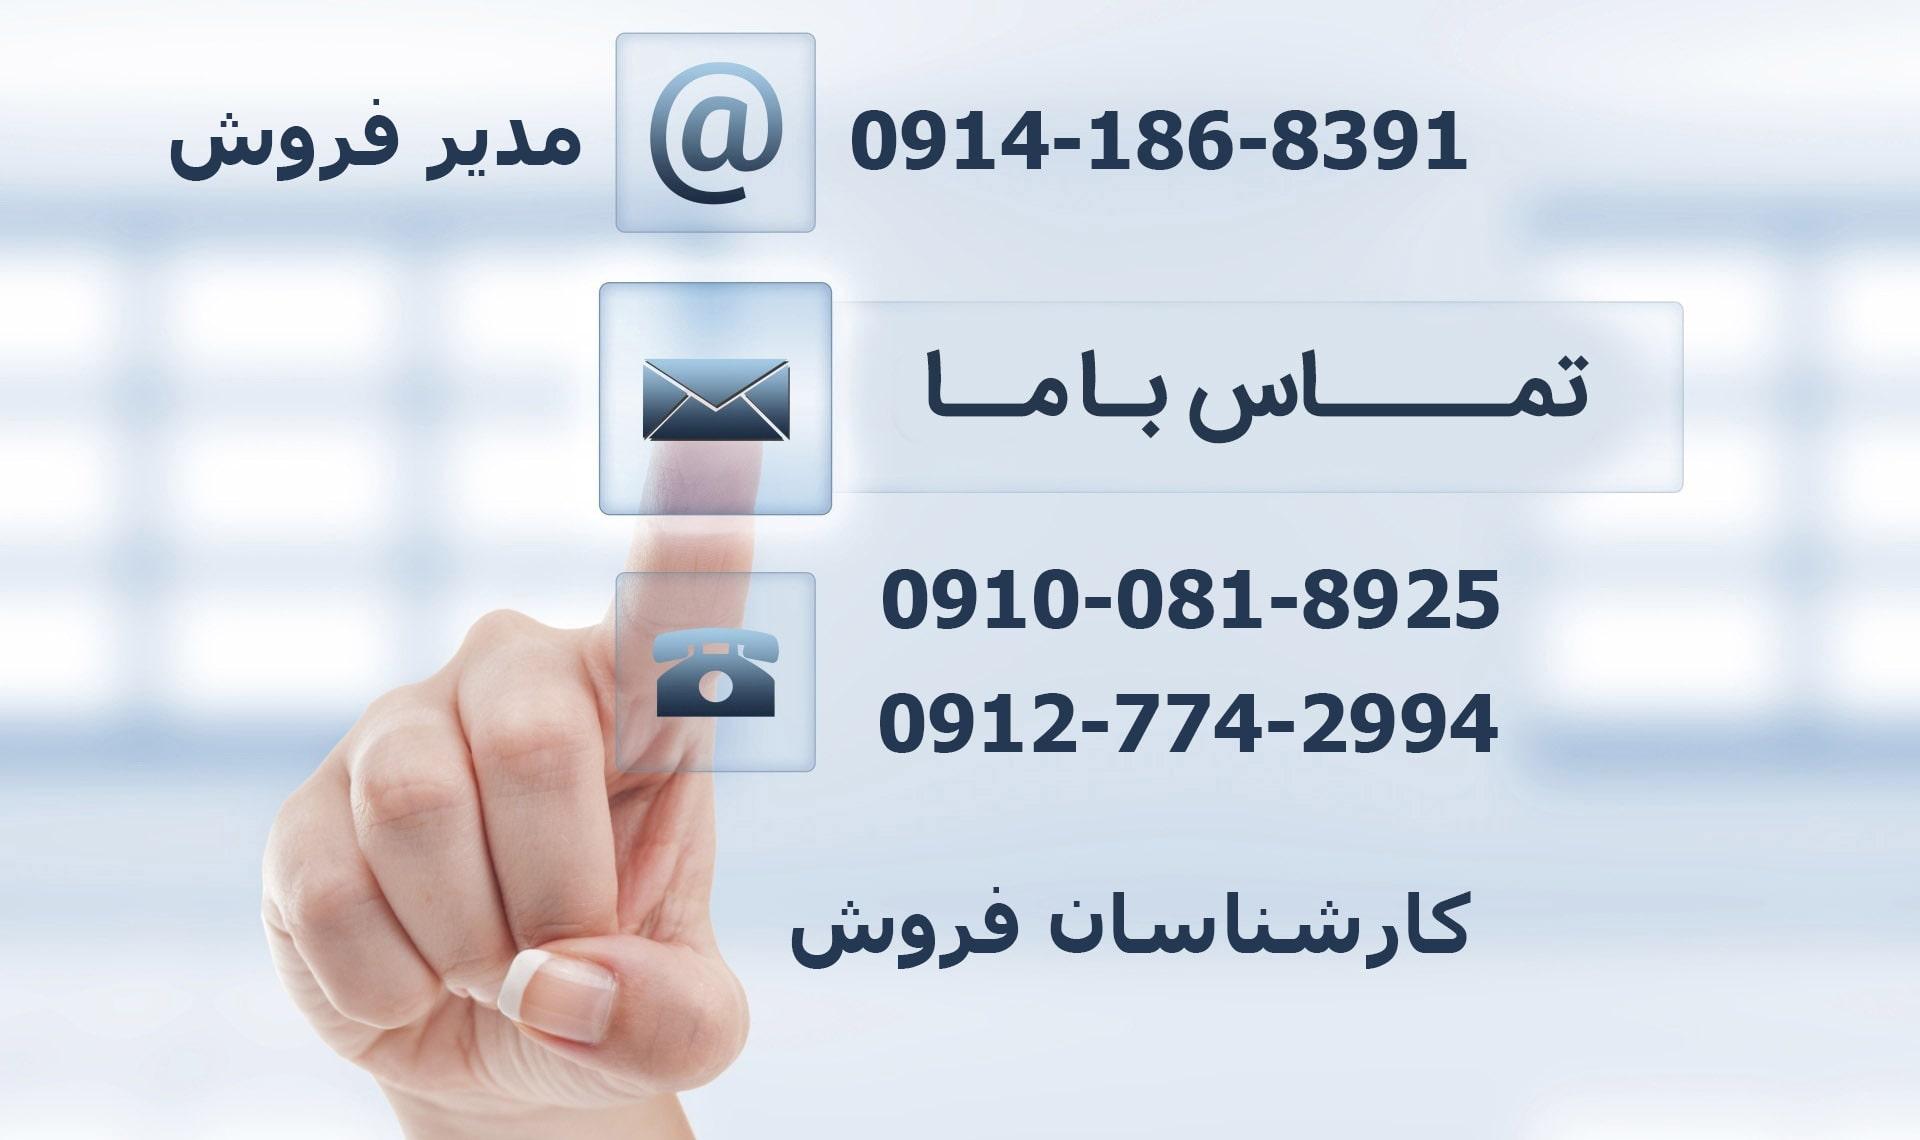 تماس با آلپ هلدینگ - موبایل